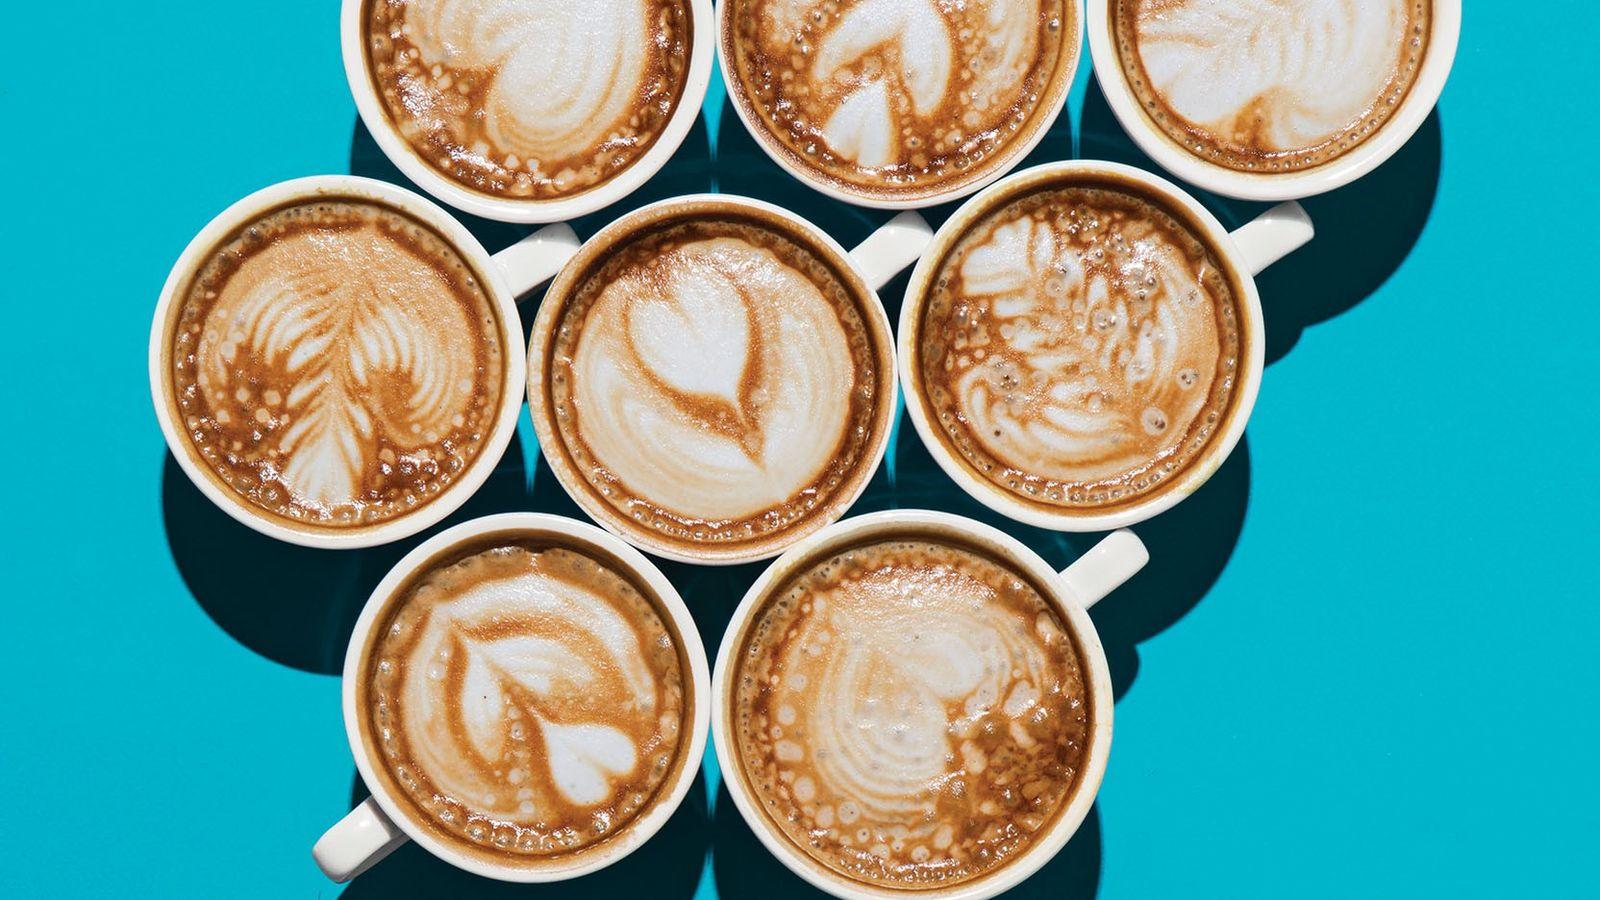 Selon une nouvelle étude, la consommation de café serait bénéfique aux buveurs, réduisant notamment les risques ...